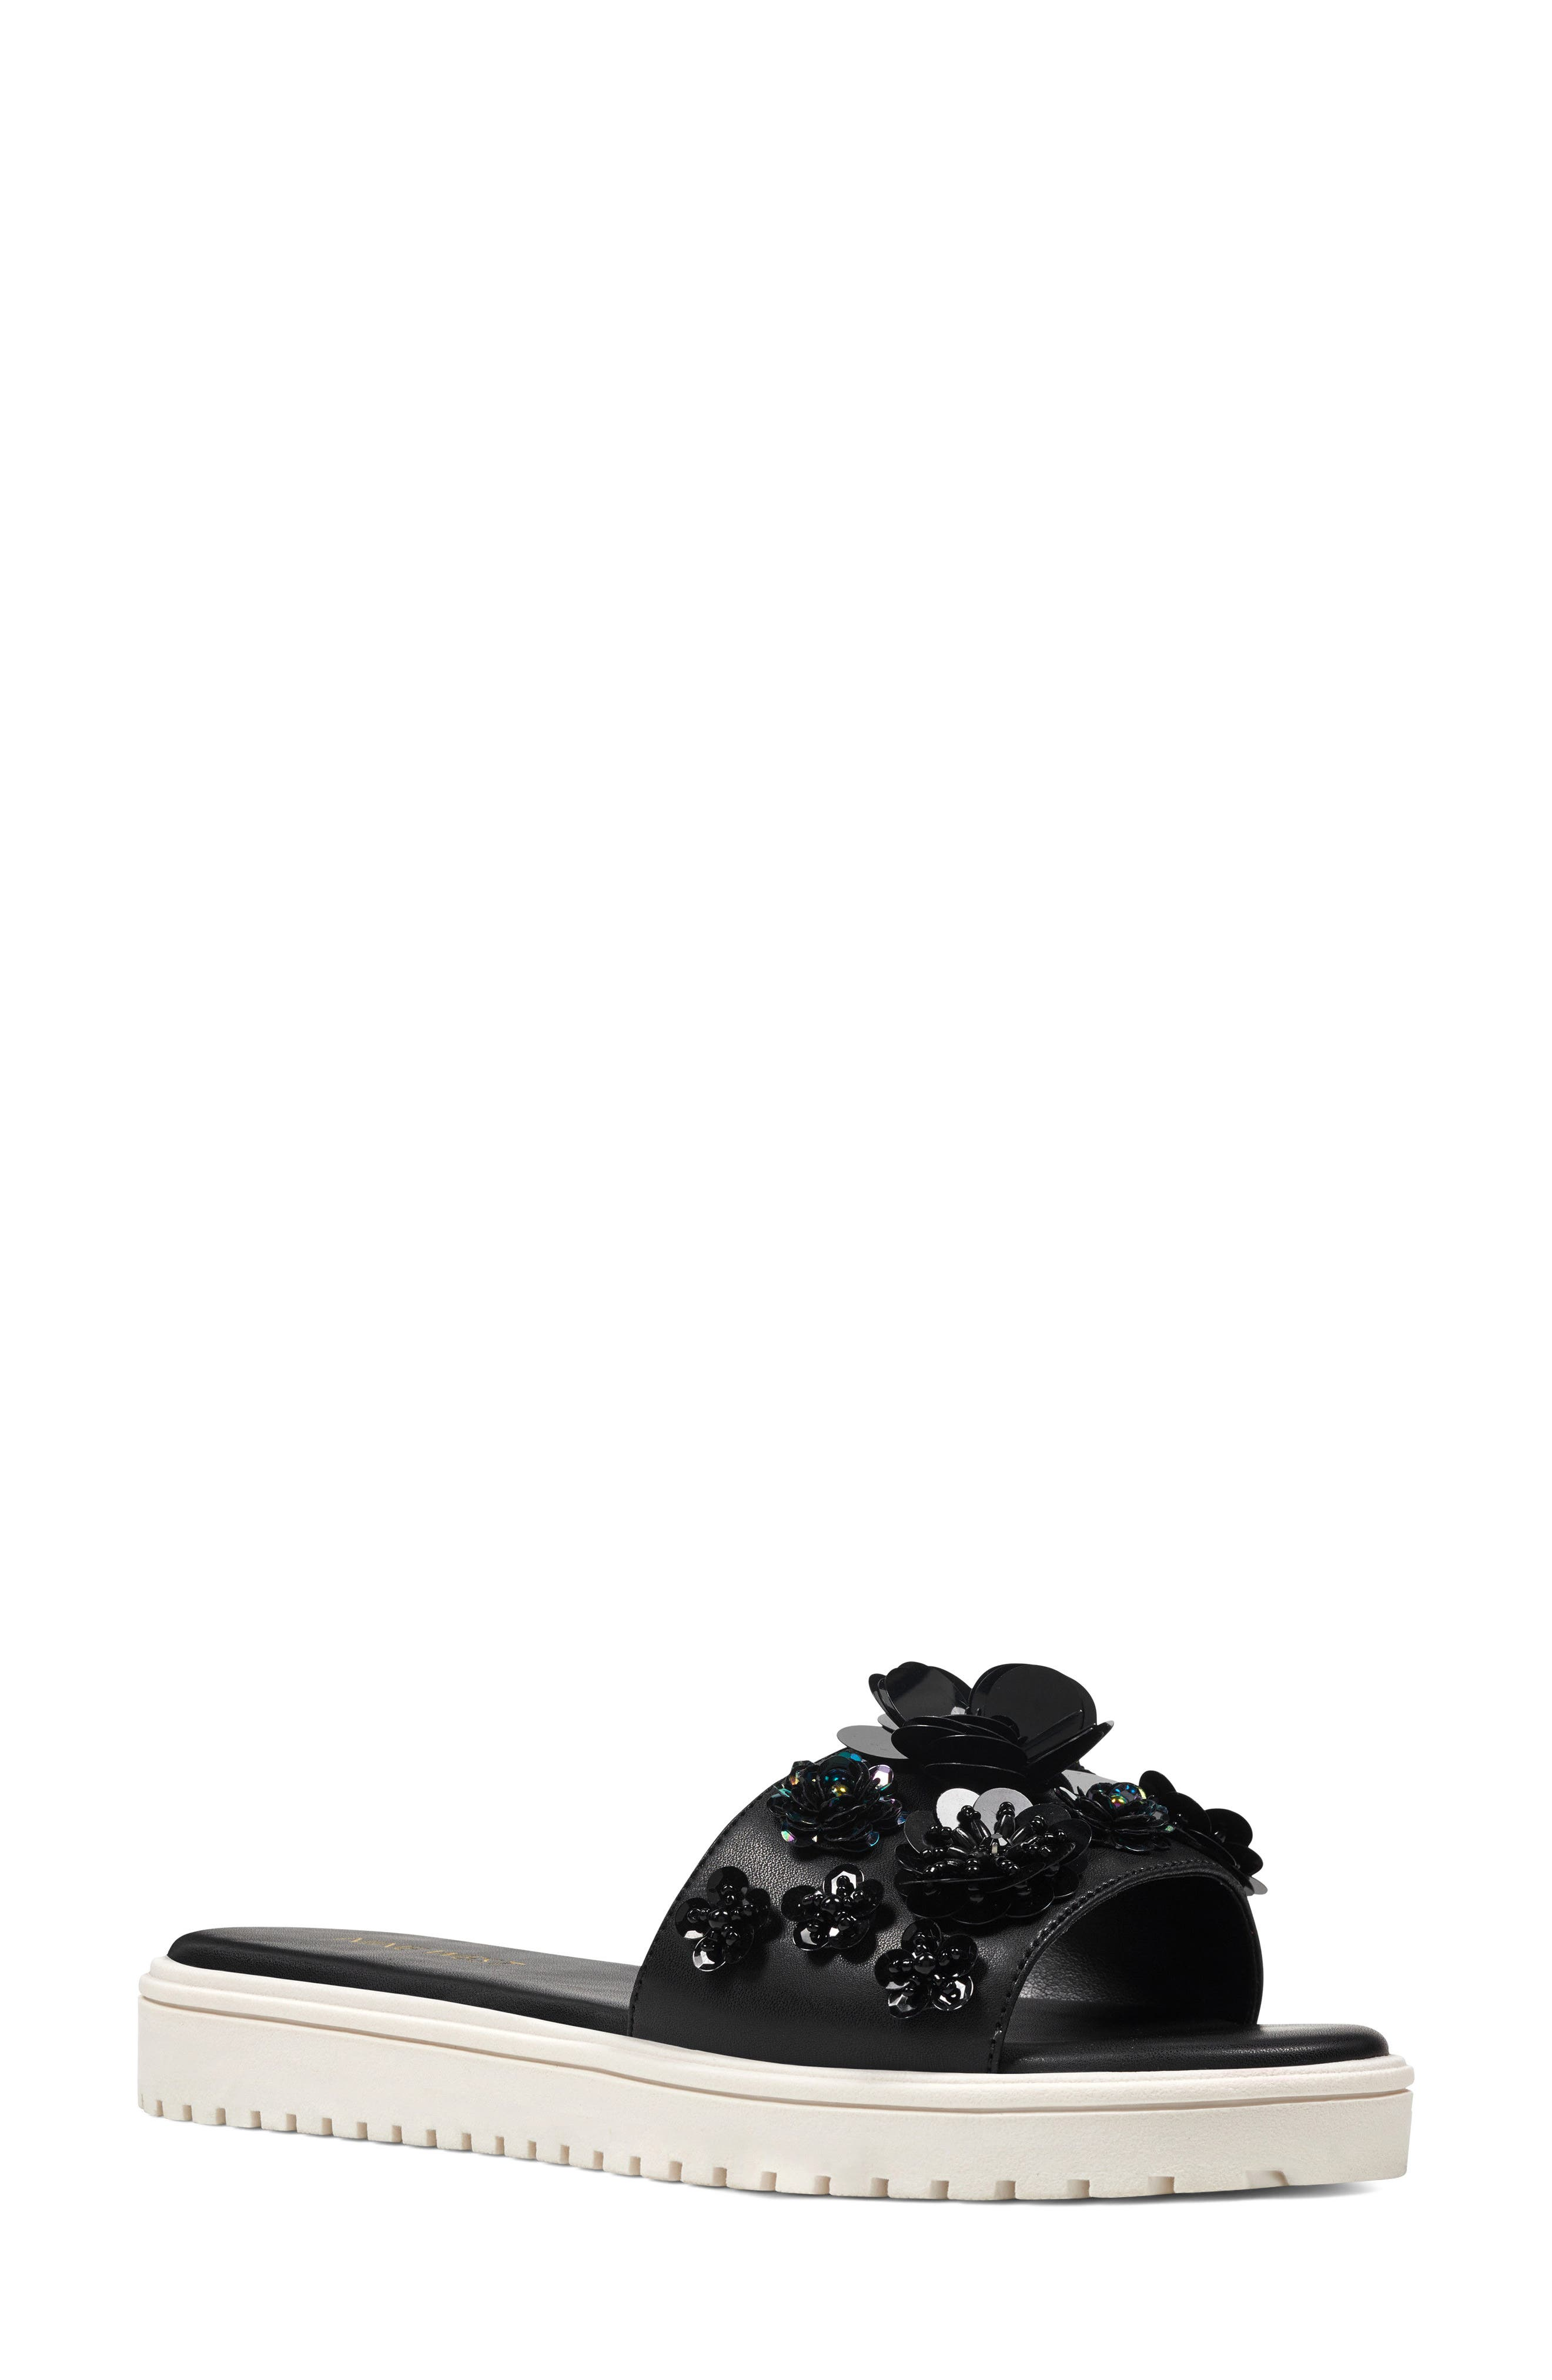 Rainen Flower Embellished Slide Sandal,                         Main,                         color, 001